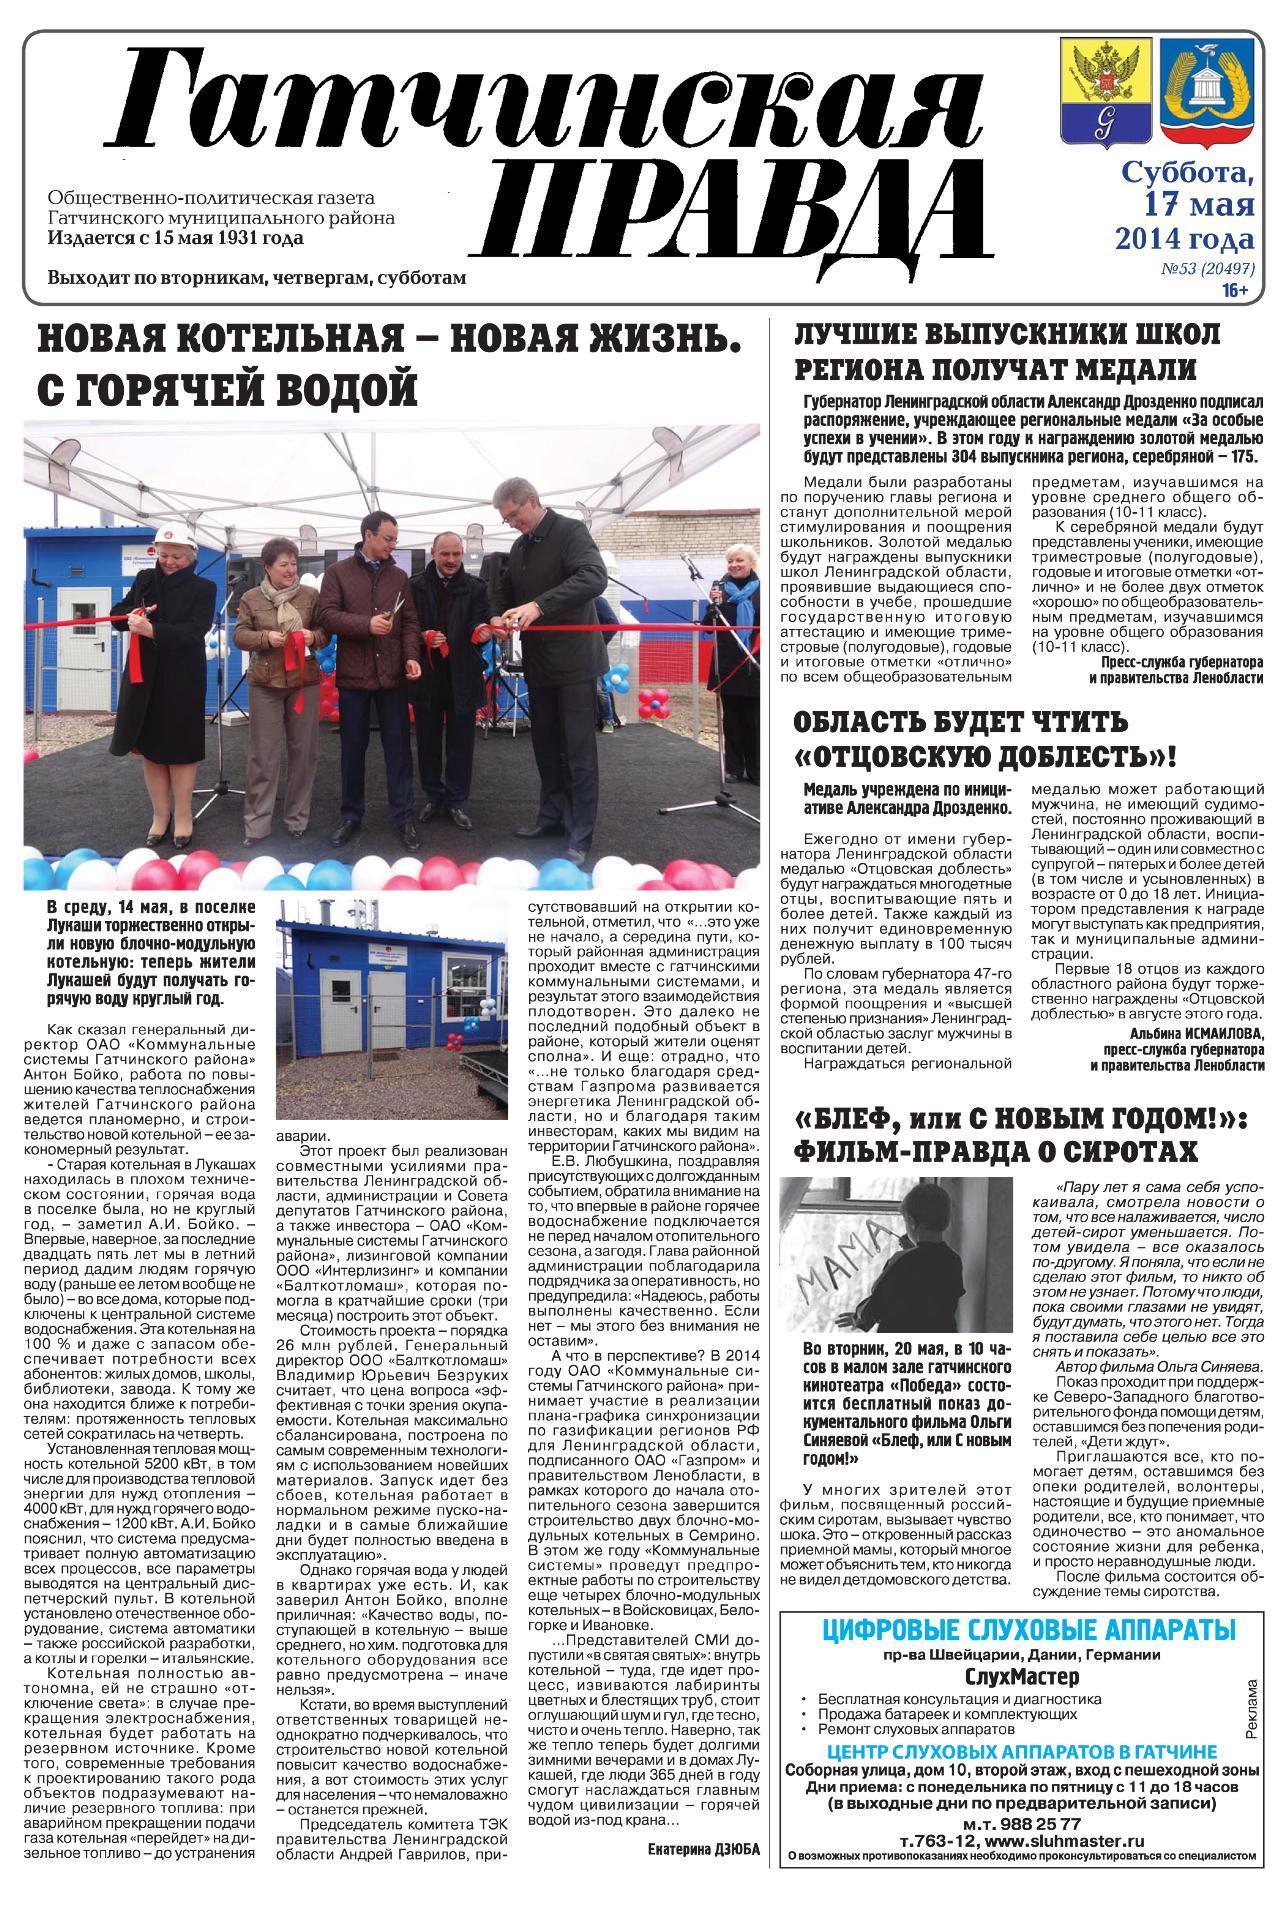 Гатчинская правда №53 от 17 мая 2014 года